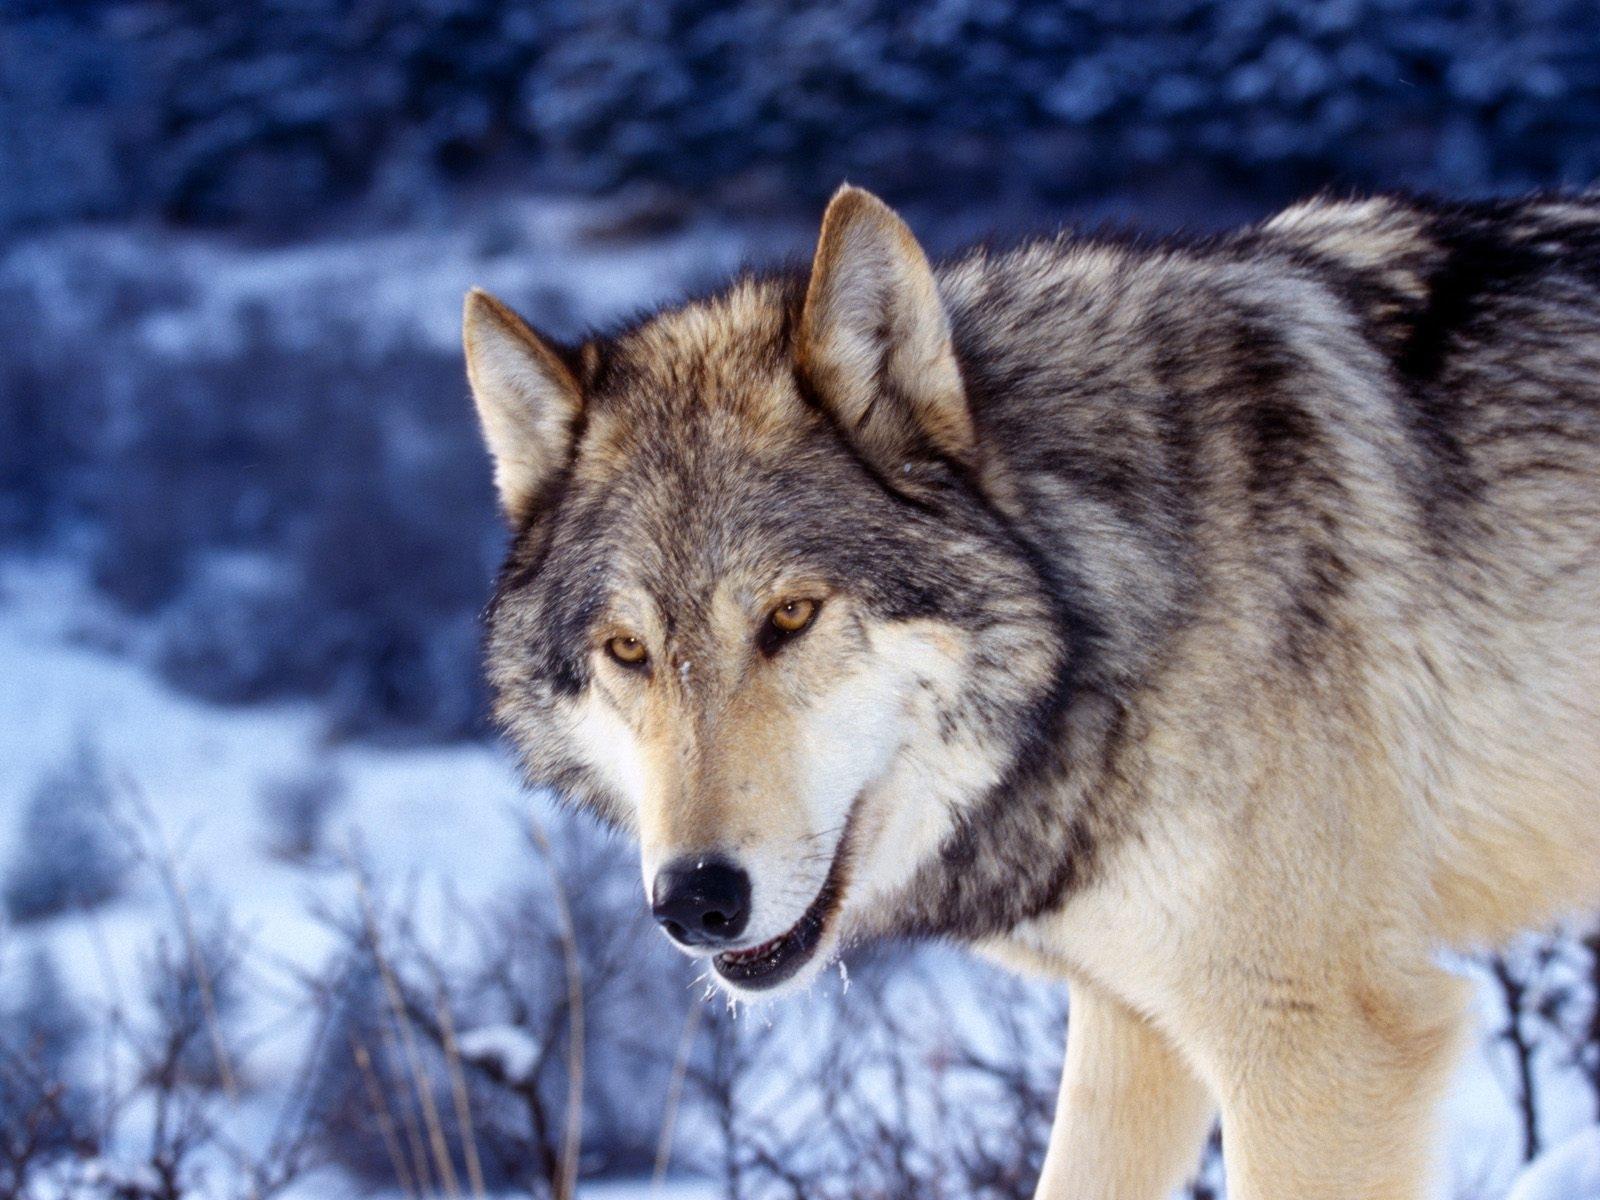 9820 Заставки и Обои Волки на телефон. Скачать Животные, Волки картинки бесплатно